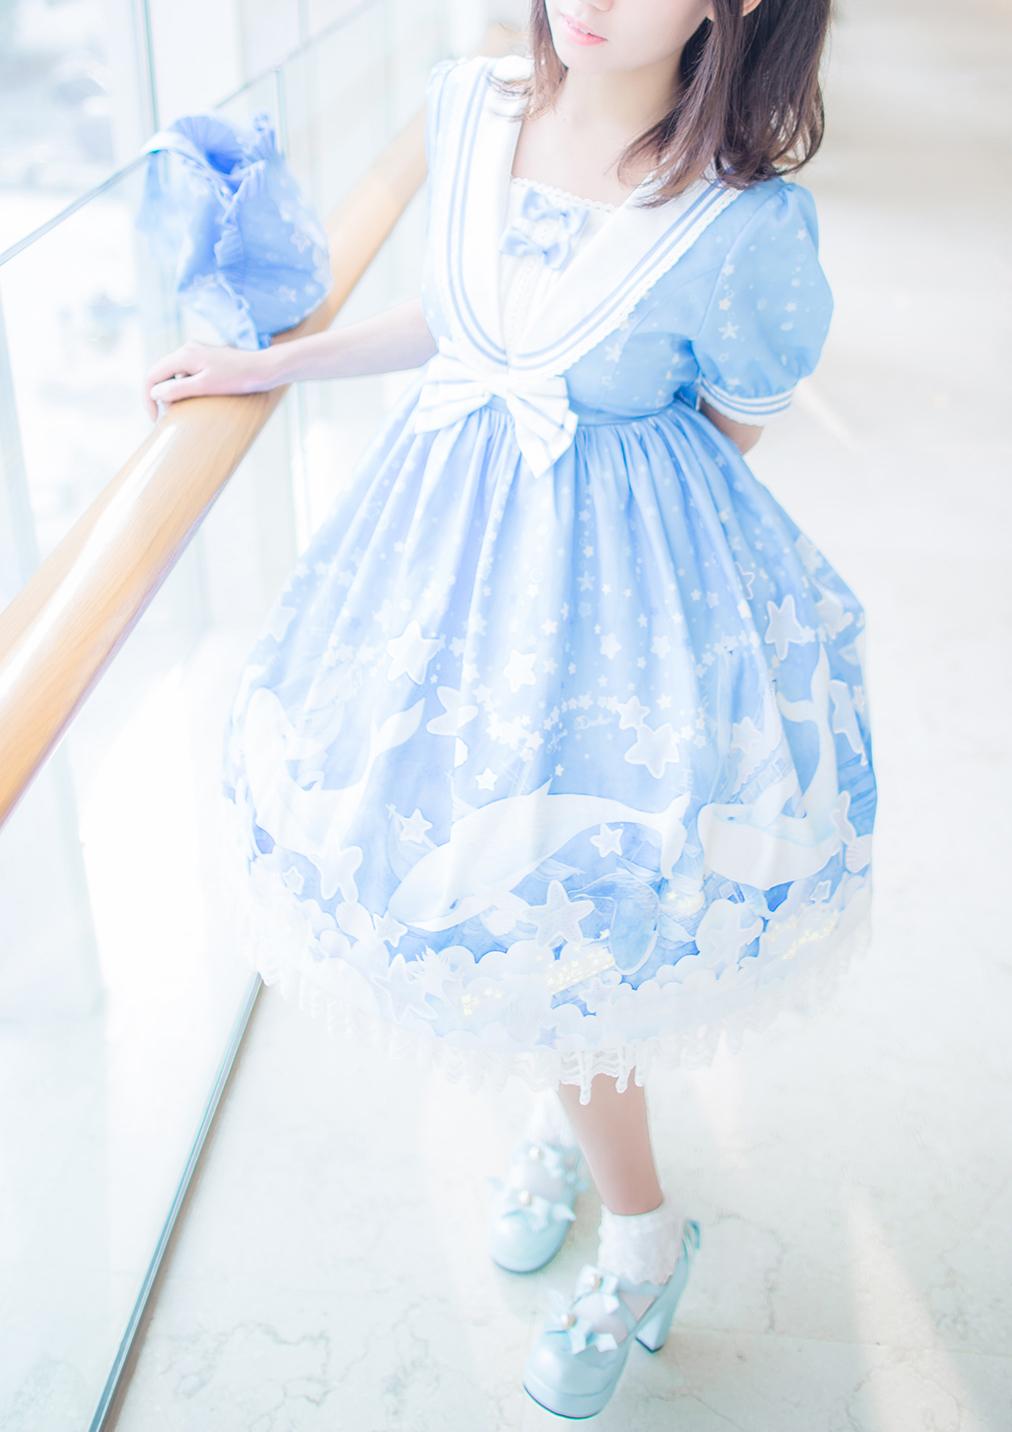 L91tiasp o - 蓝色的LO娘